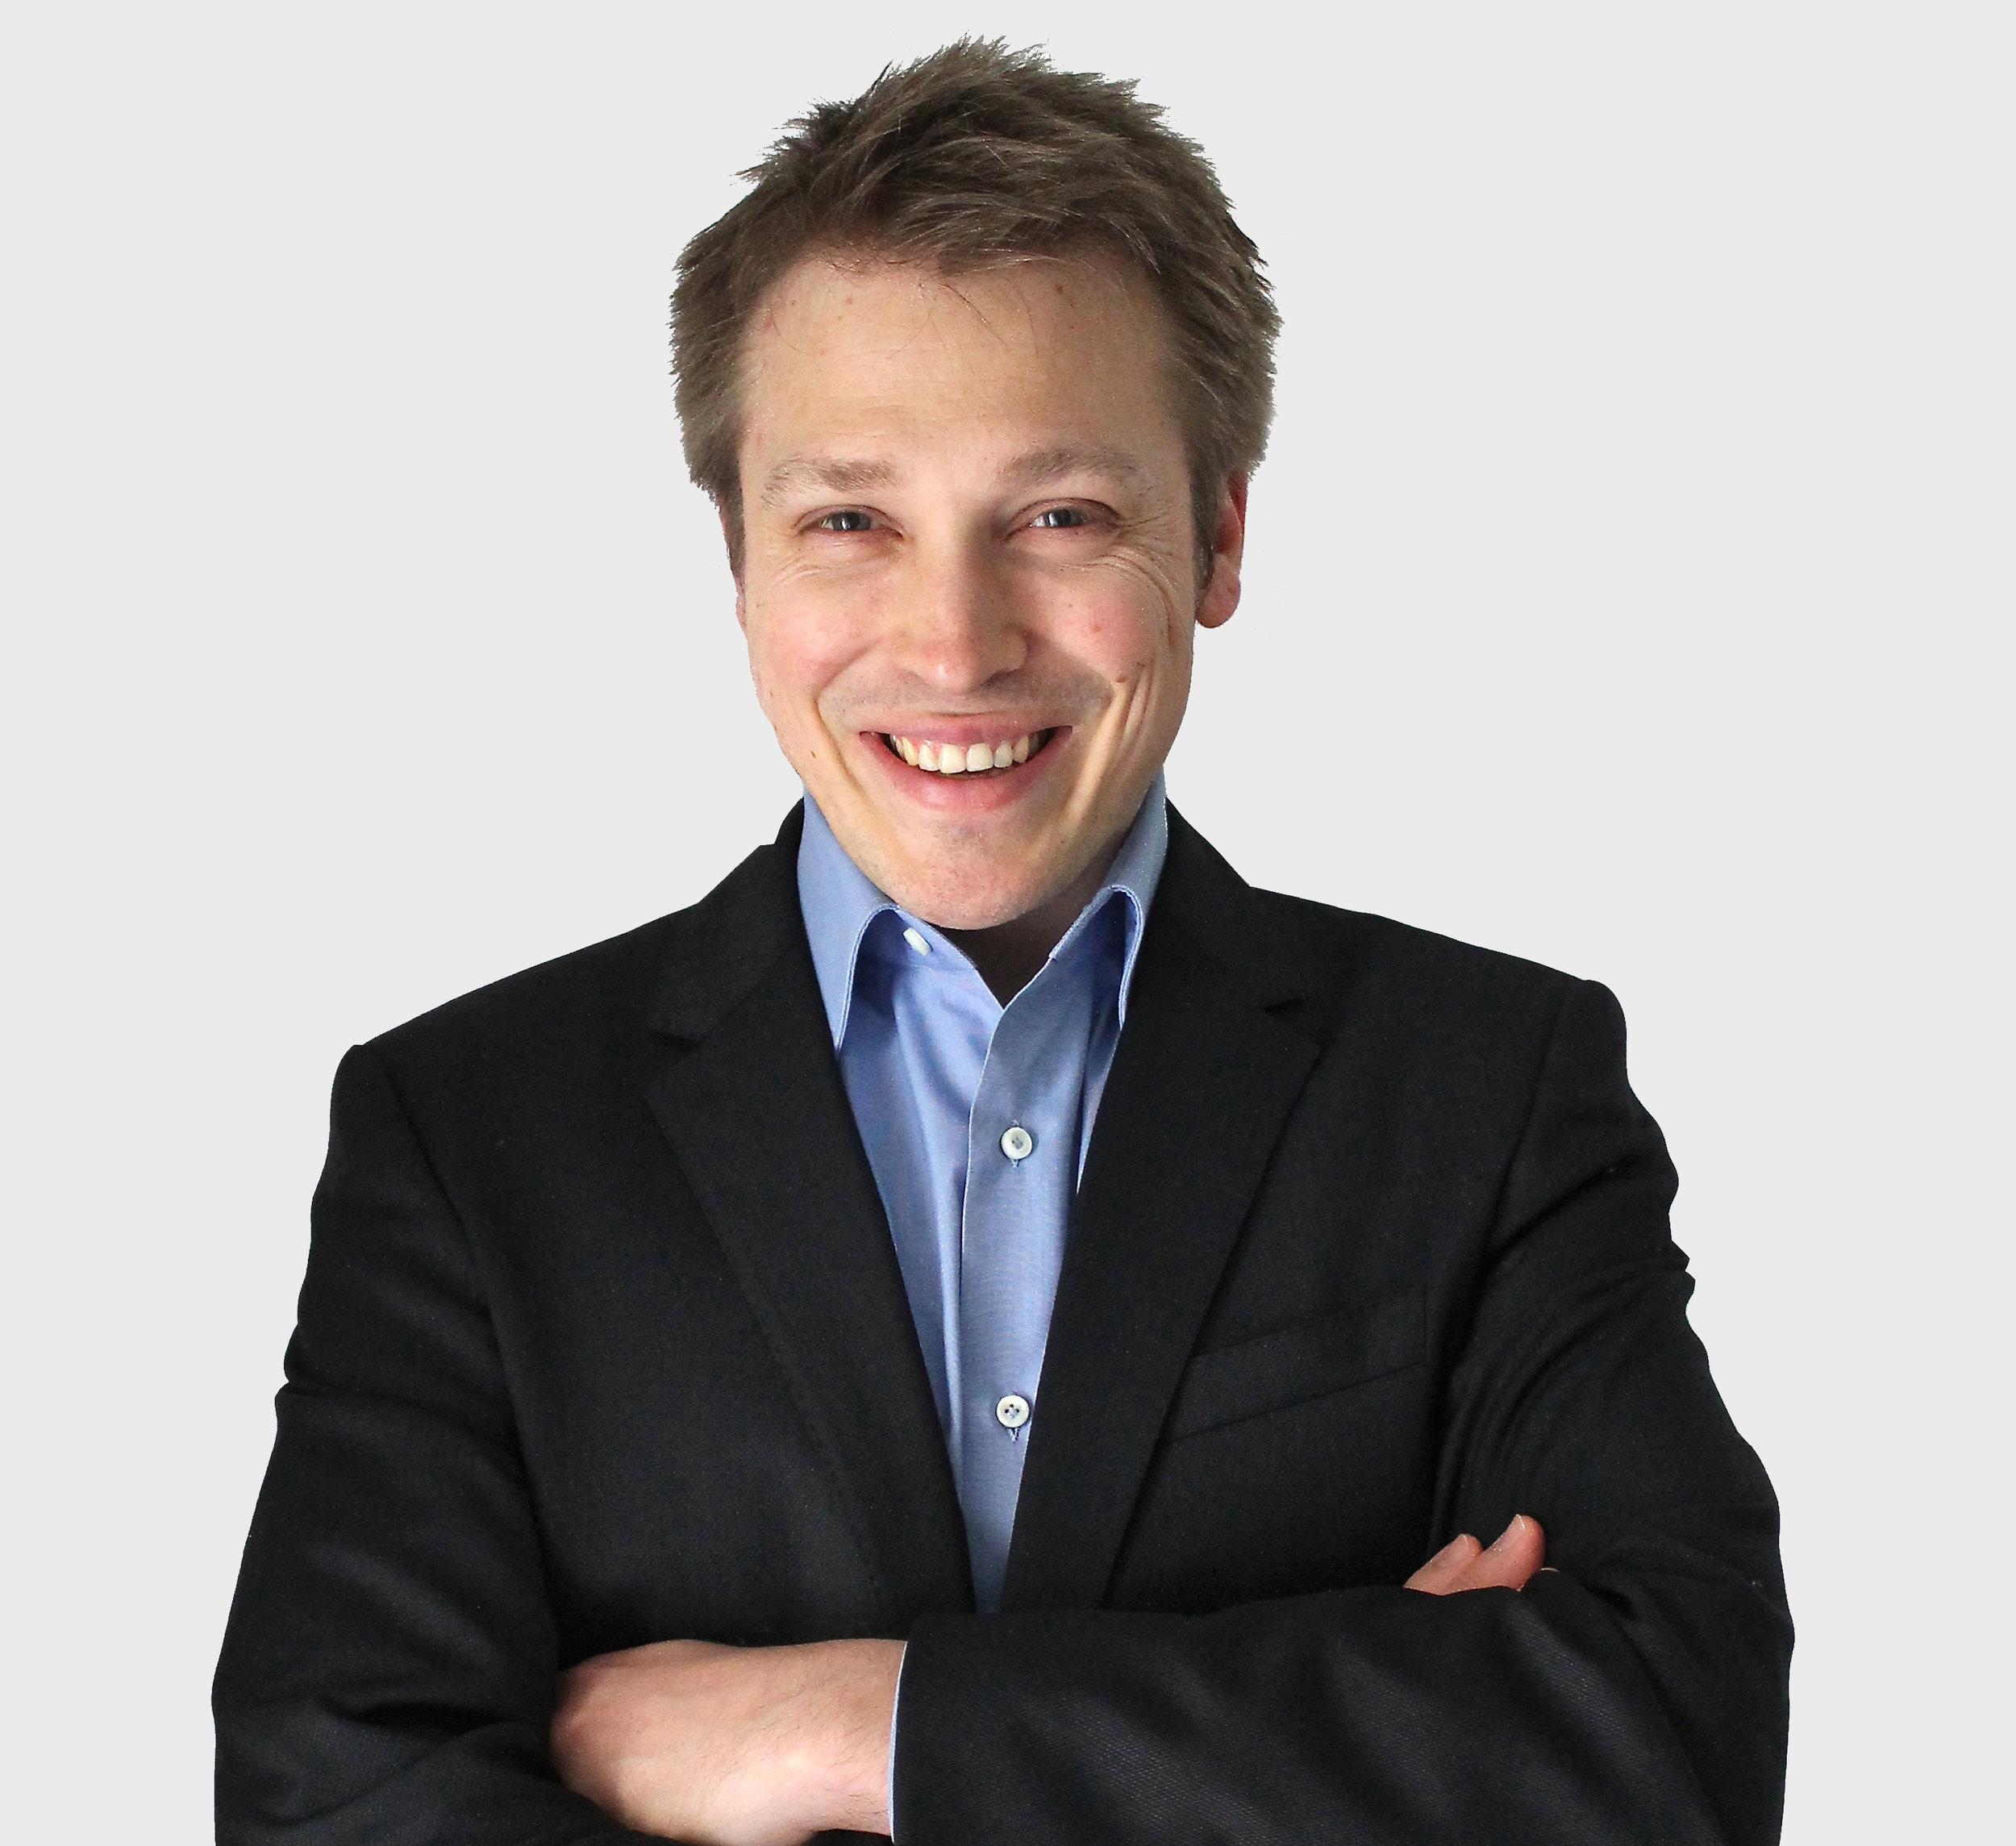 United Kingdom - Jukka Rovamaajukka.rovamaa@paptic.com